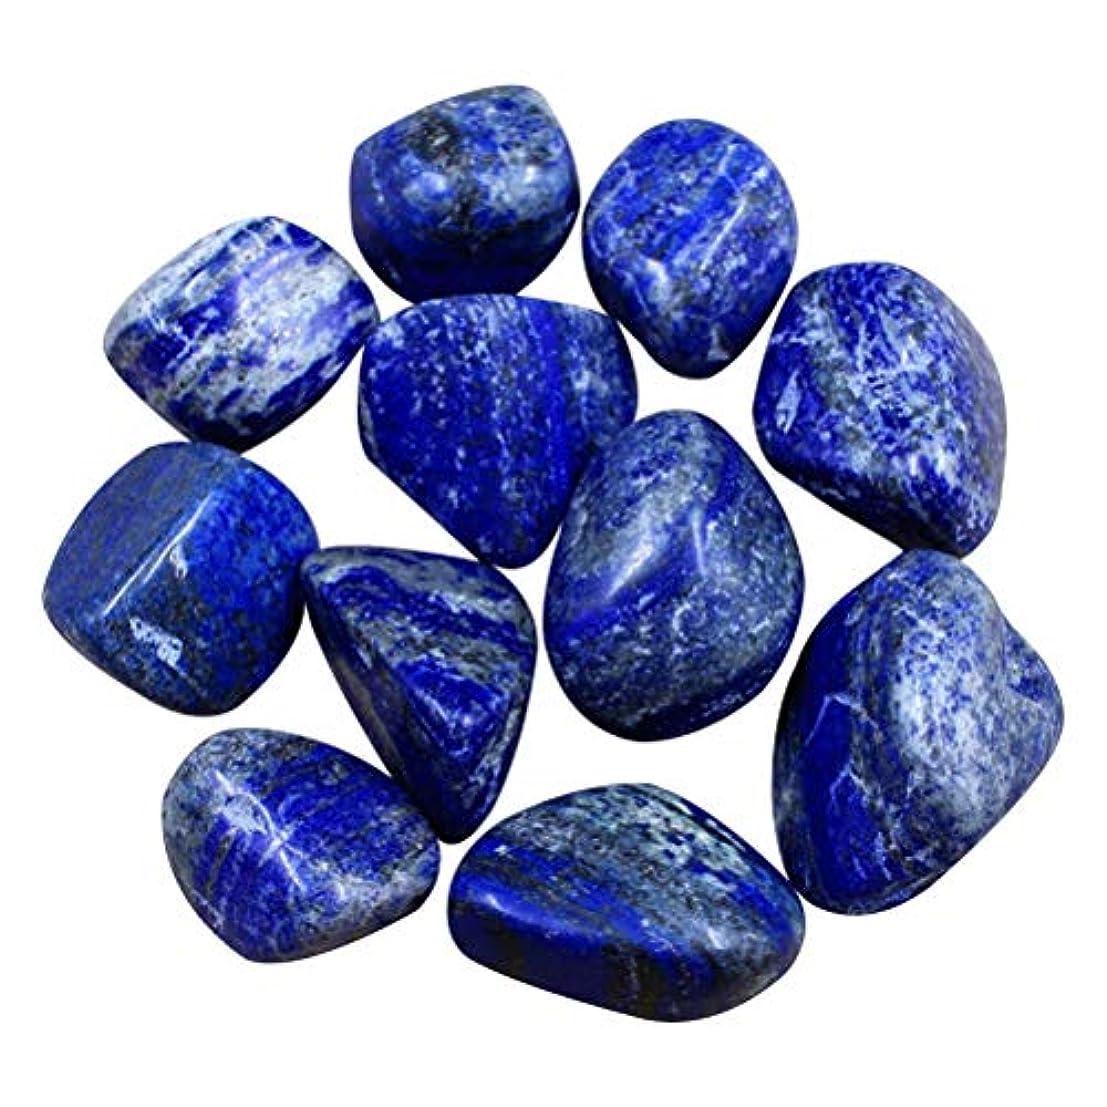 シュガー熟読する遅れSUPVOX 10個の天然石石落ち石の癒しReikiクリスタルジュエリー自然の岩ホームデコレーション花瓶植物を作る